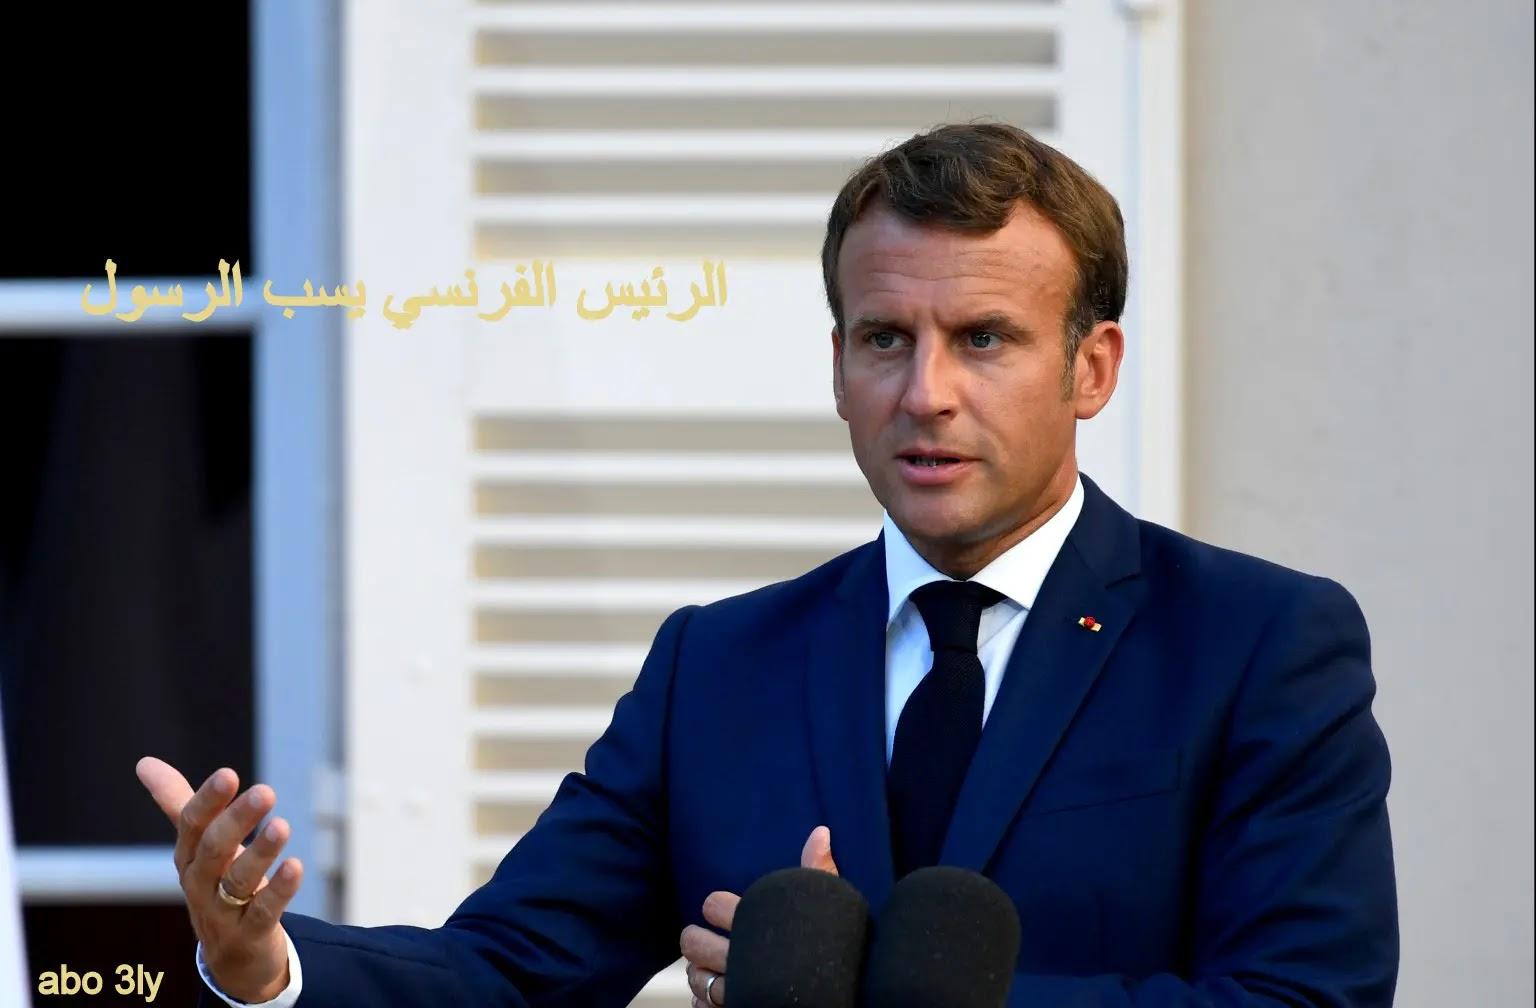 الرئيس الفرنسي يسب النبي